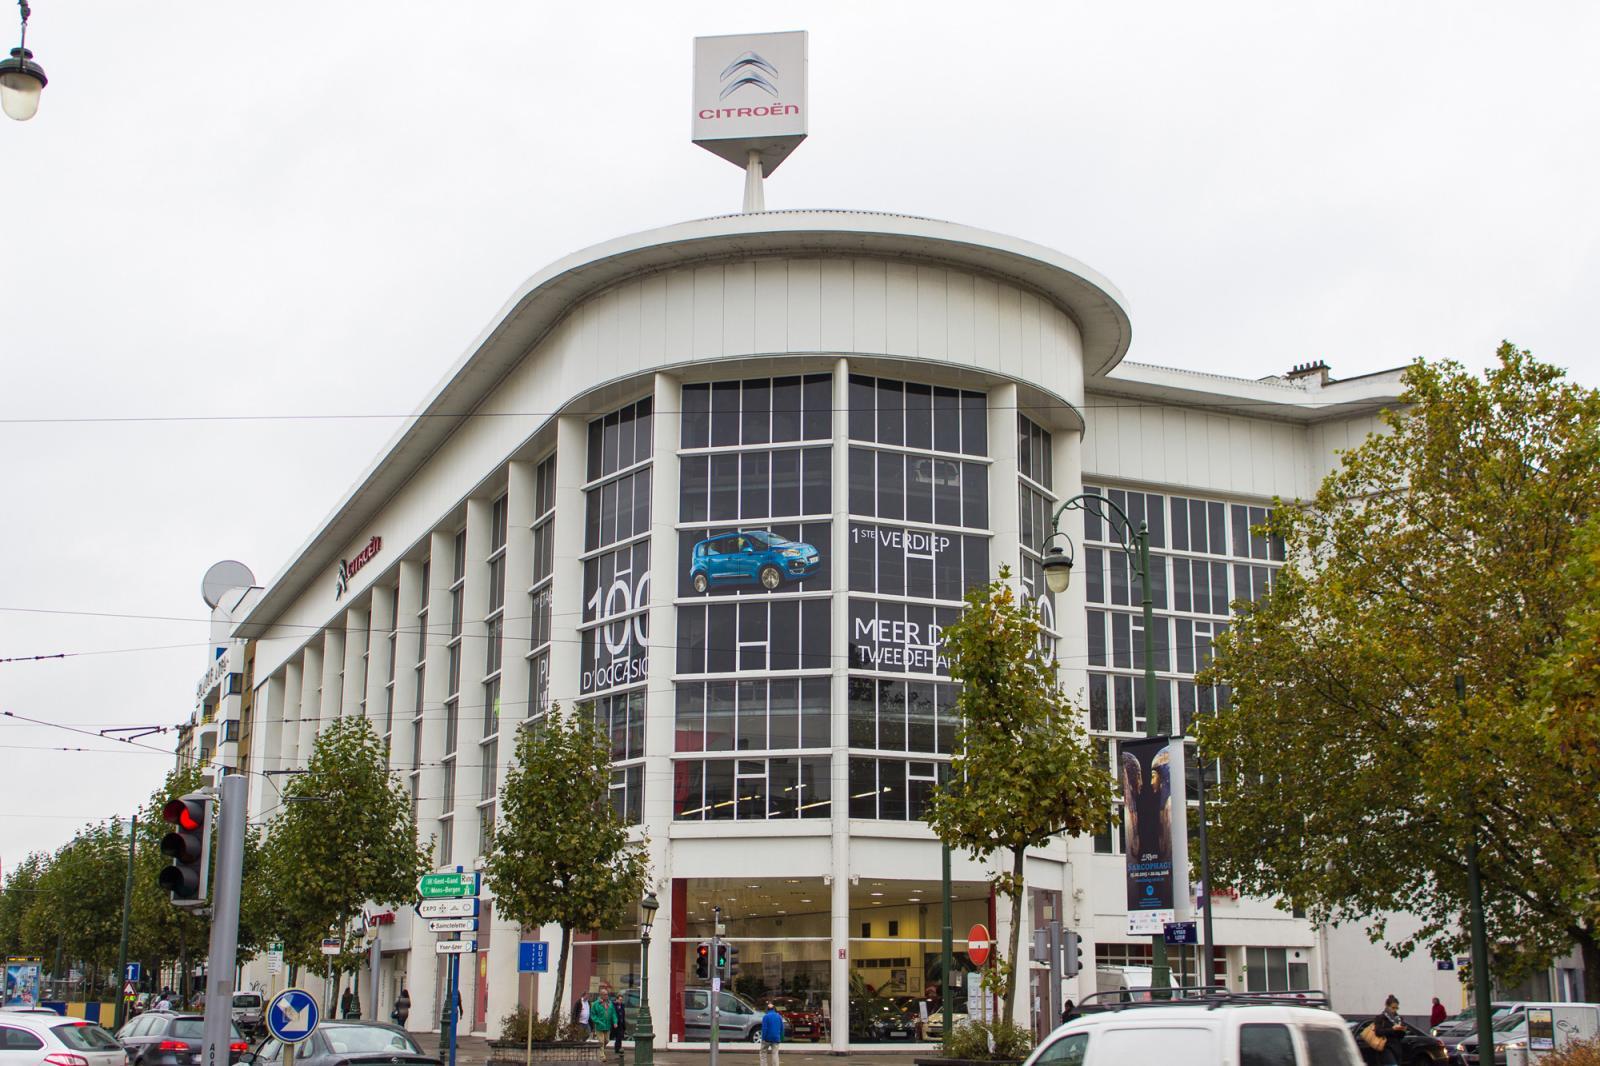 Pôle culturel Citroën à Bruxelles, où doit s'installer la fondation Kanal-Pompidou.